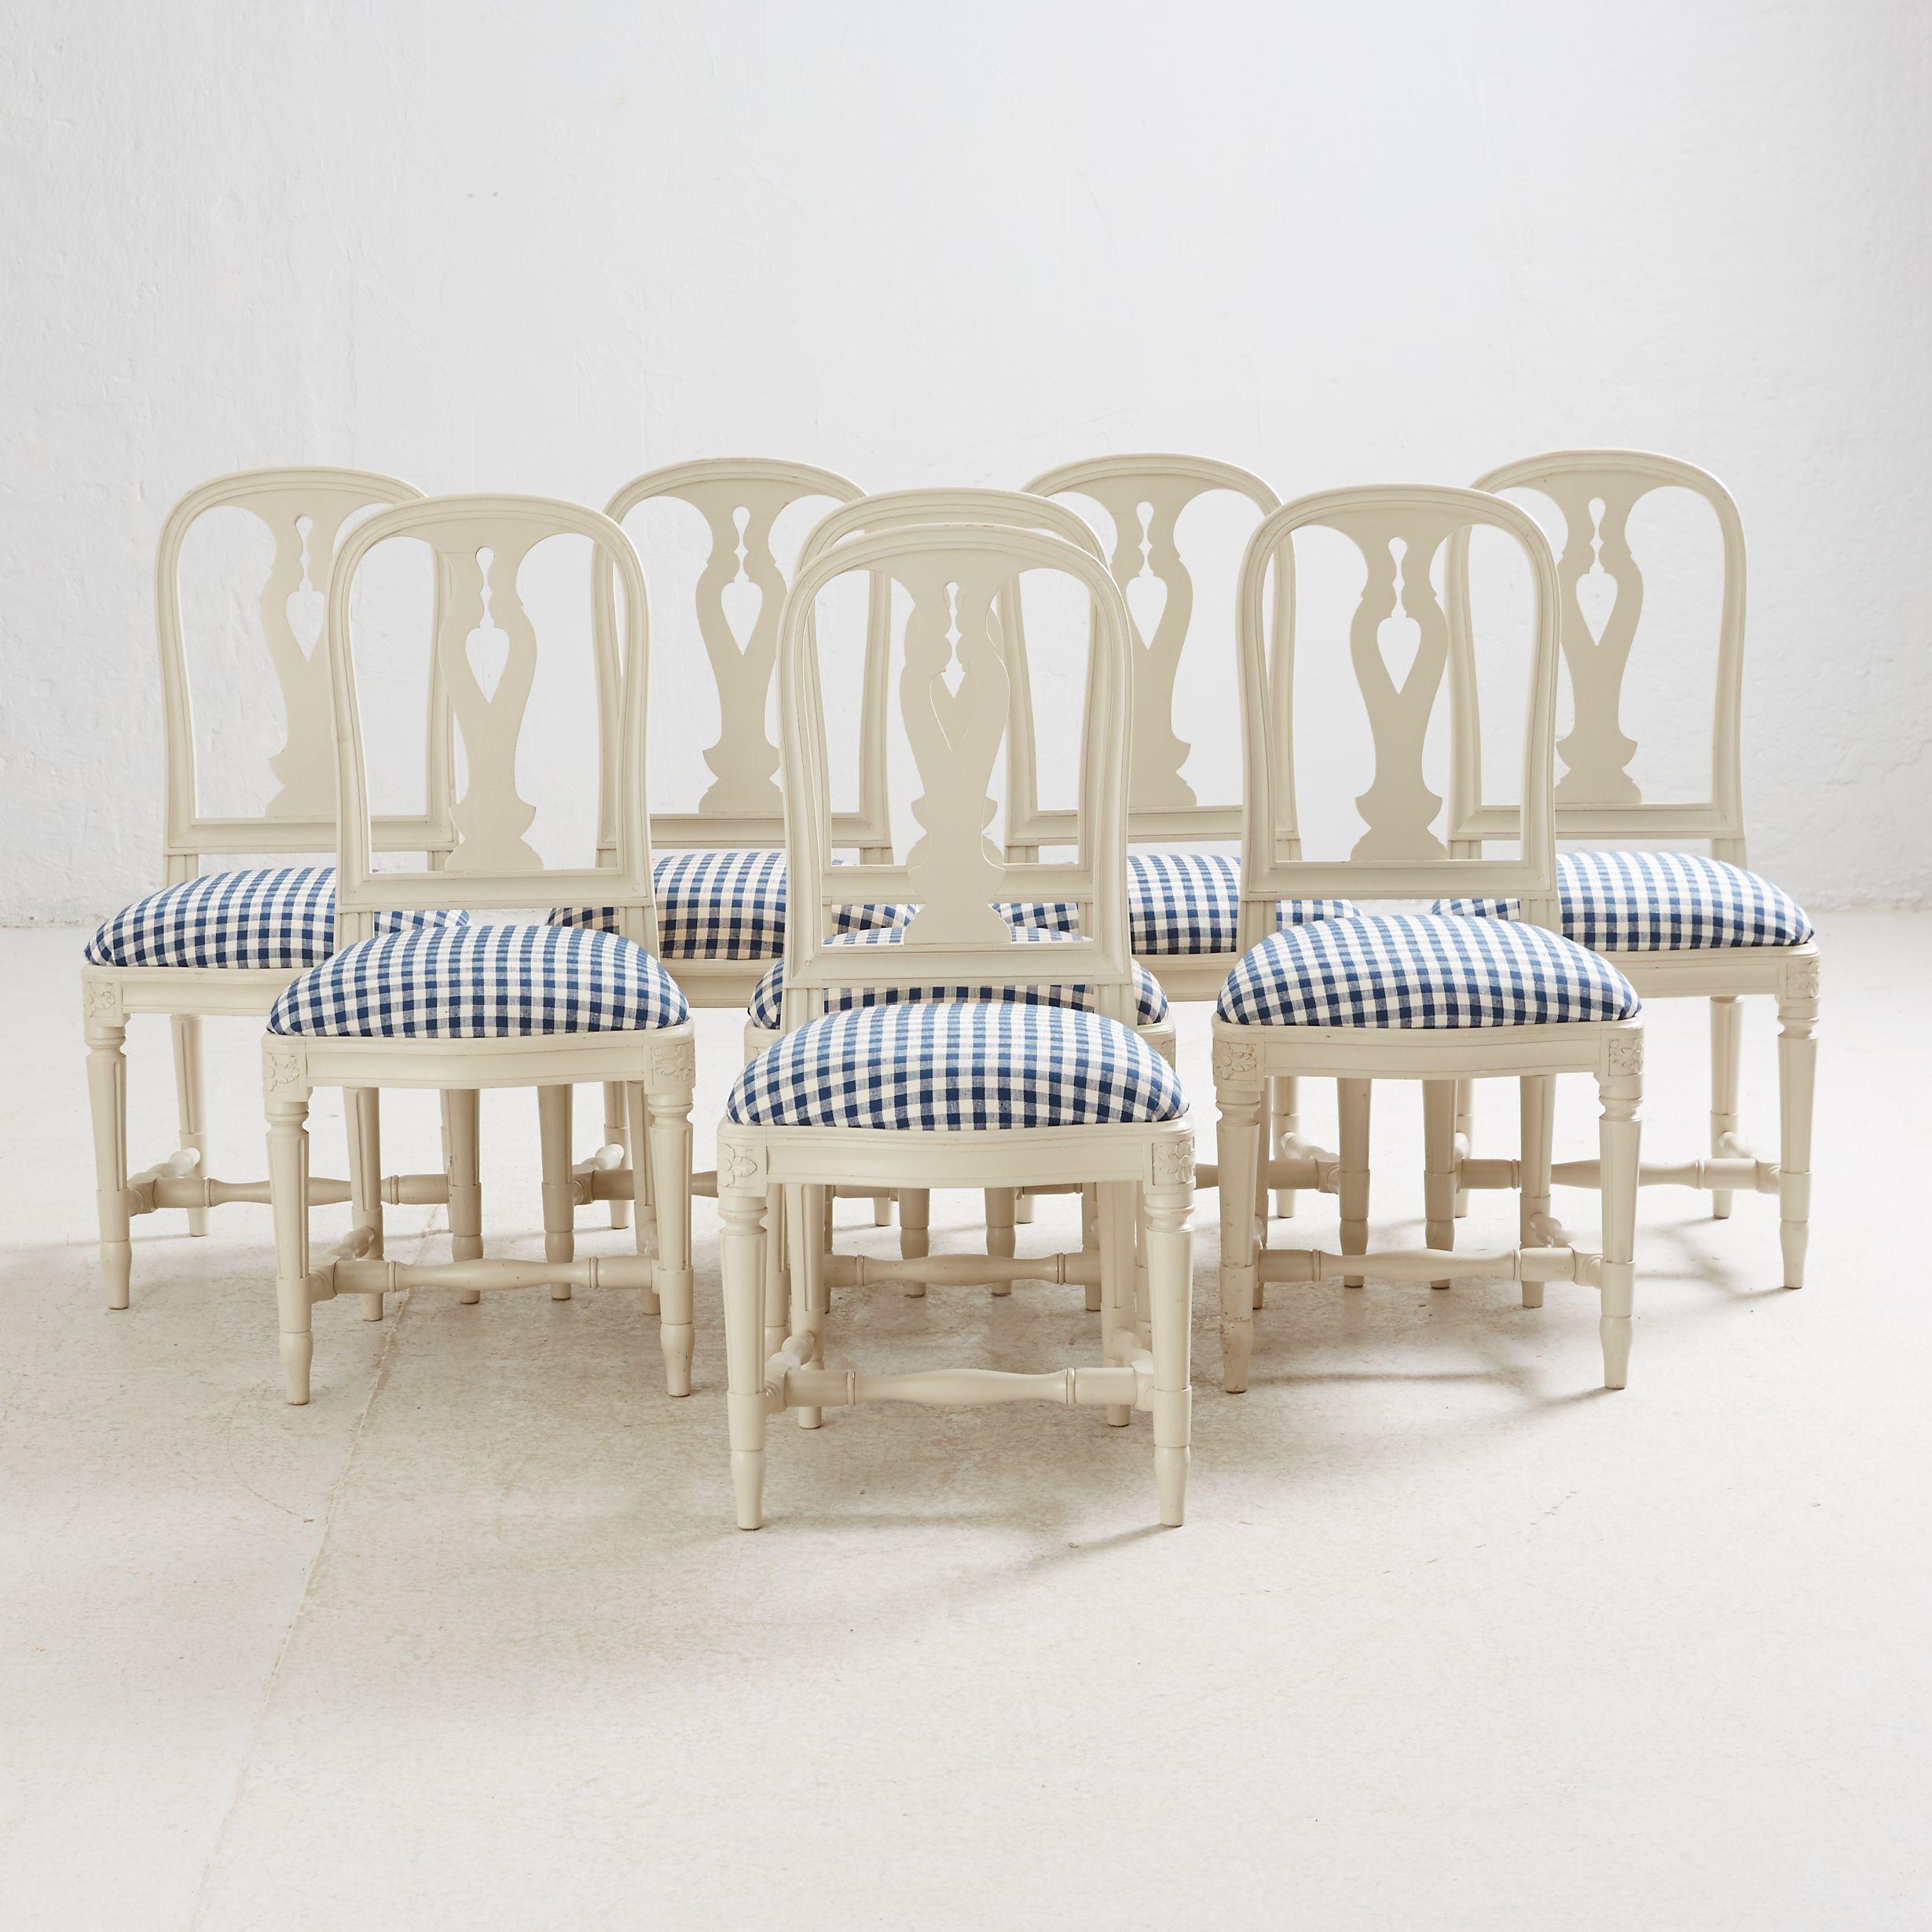 Série de fauteuils de la Collection 1700 Adjugée 3 100 EUR le 30 janvier 2017 par Stockholms Auktionsverk Online